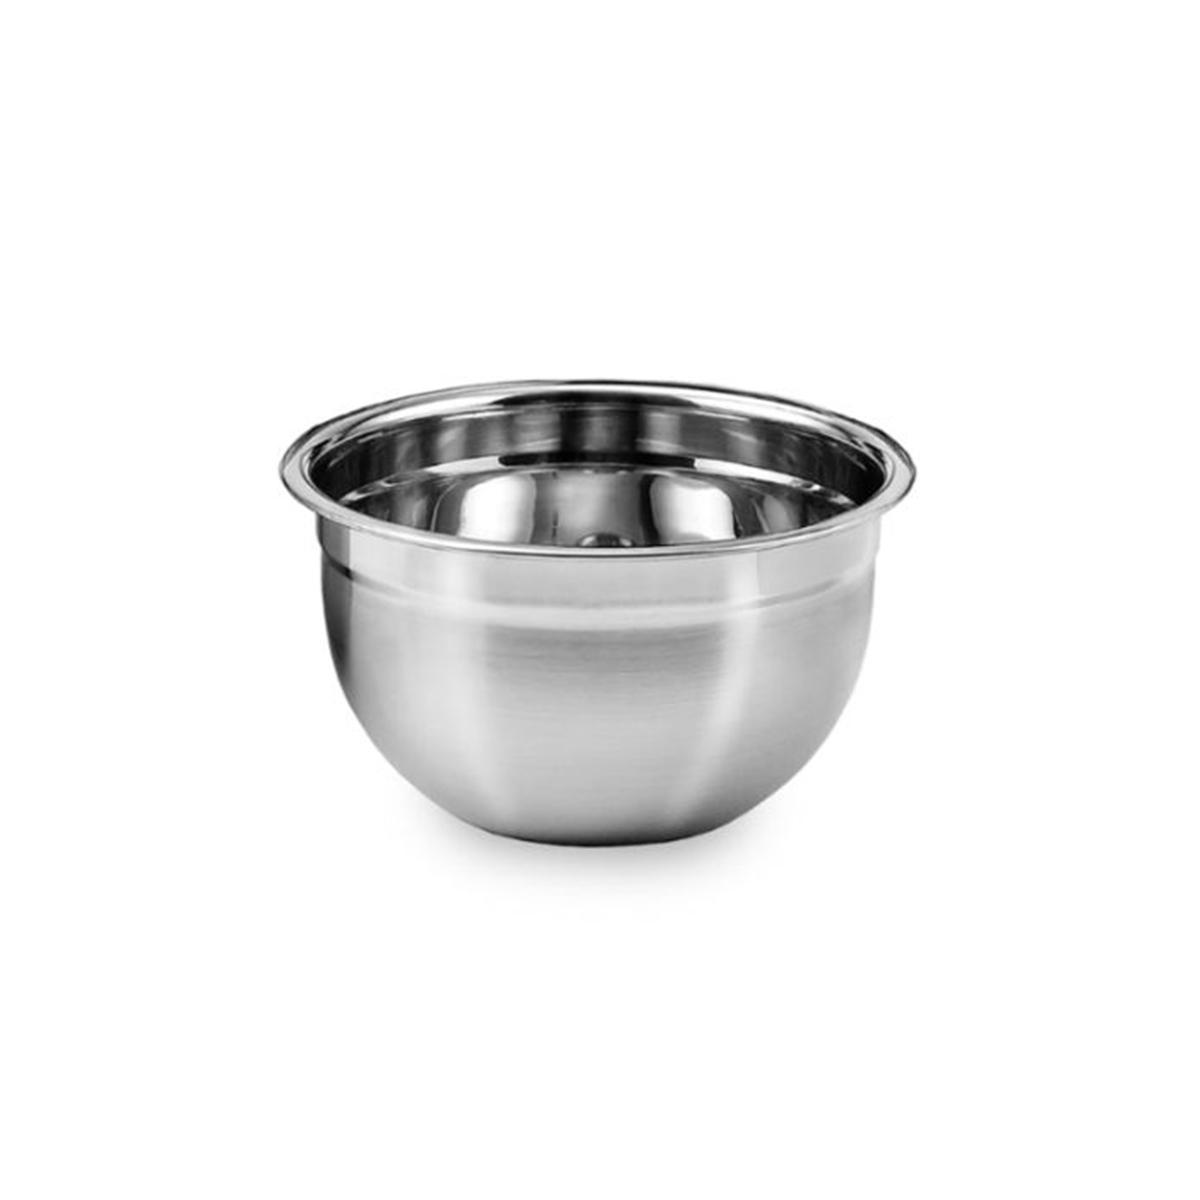 6 Tigelas Mixing Bowl Em Aço Inox 18 Cm Pratica e Durável Ke Home 3116-18-6